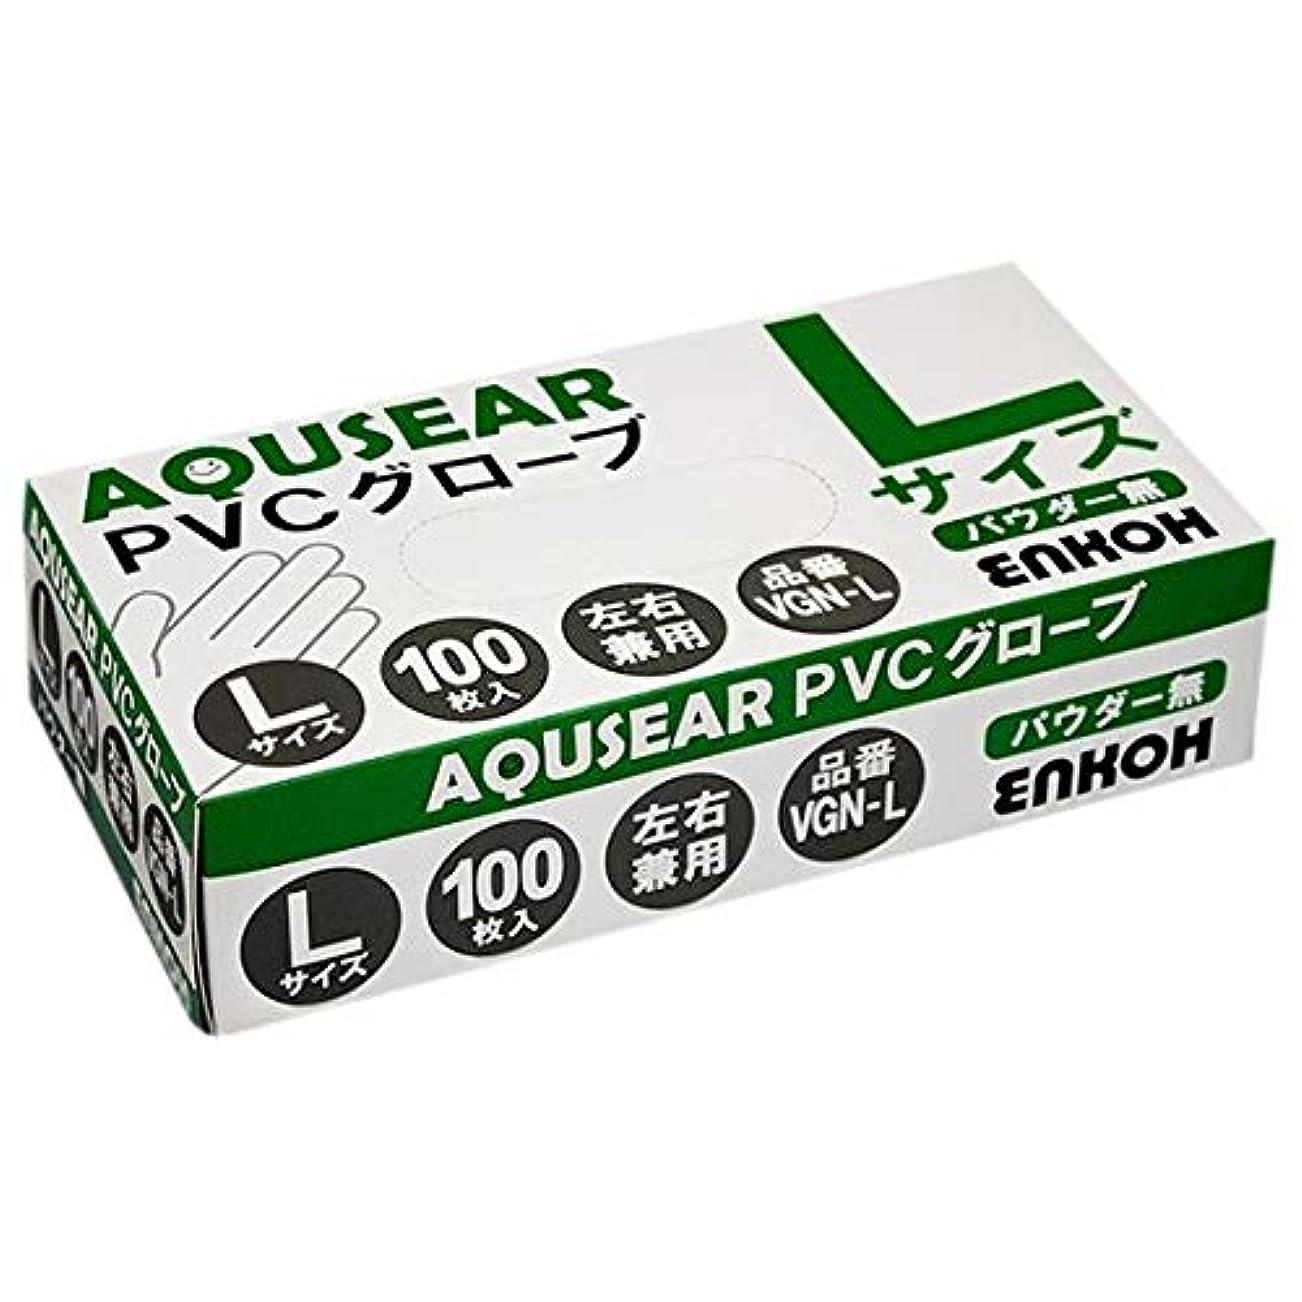 衝動石灰岩報酬のAQUSEAR PVC プラスチックグローブ Lサイズ パウダー無 VGN-L 100枚×20箱